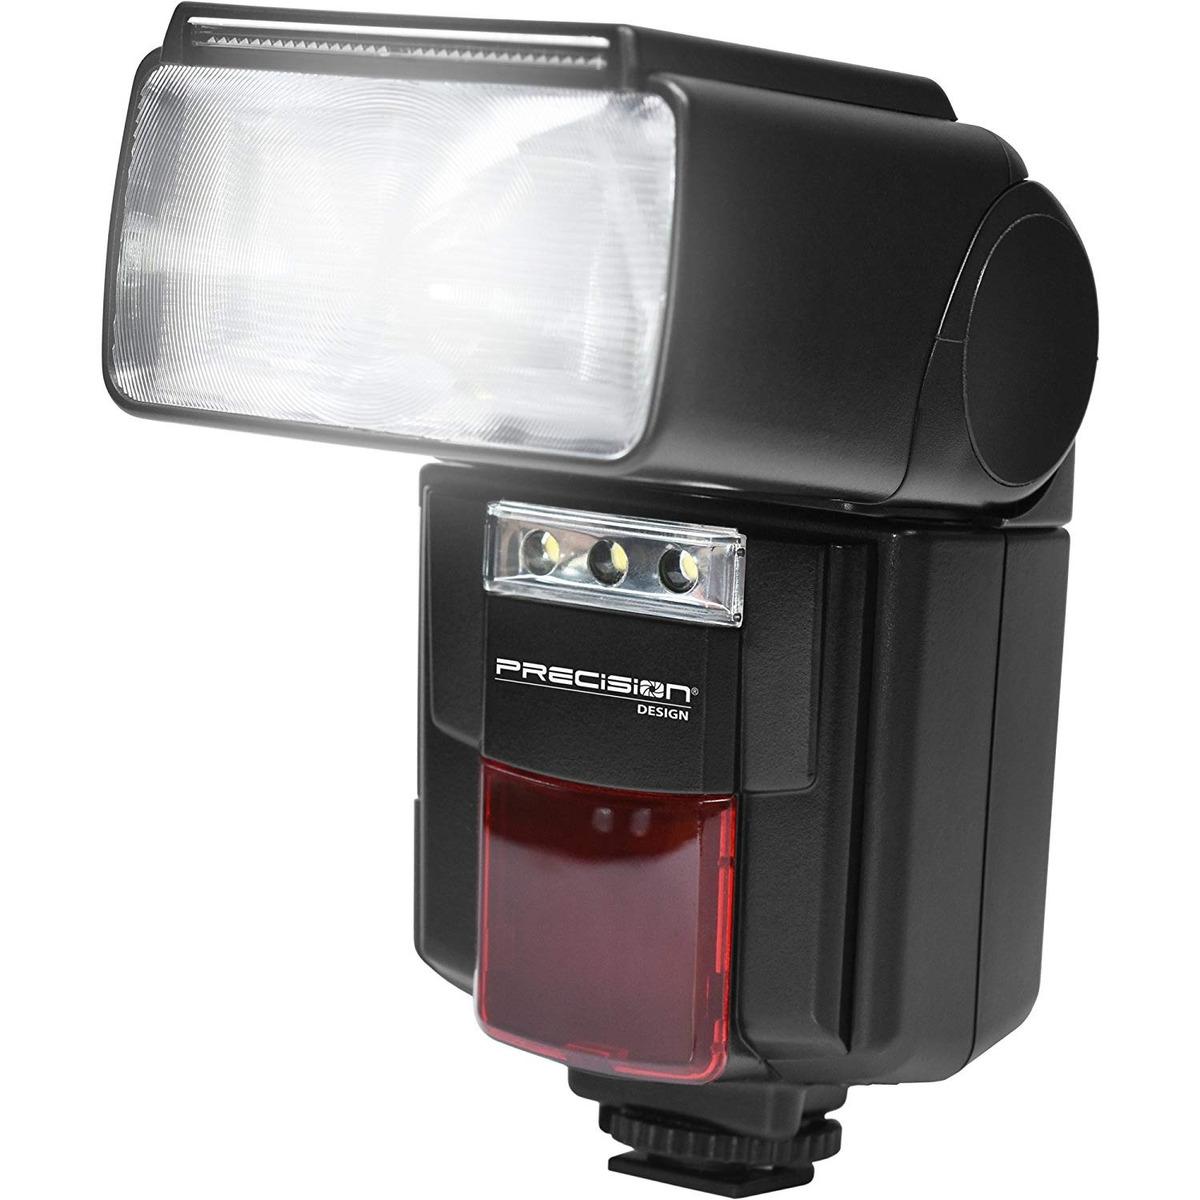 Fujifilm X100f Wi Fi Digital Camera (silver) With Leather